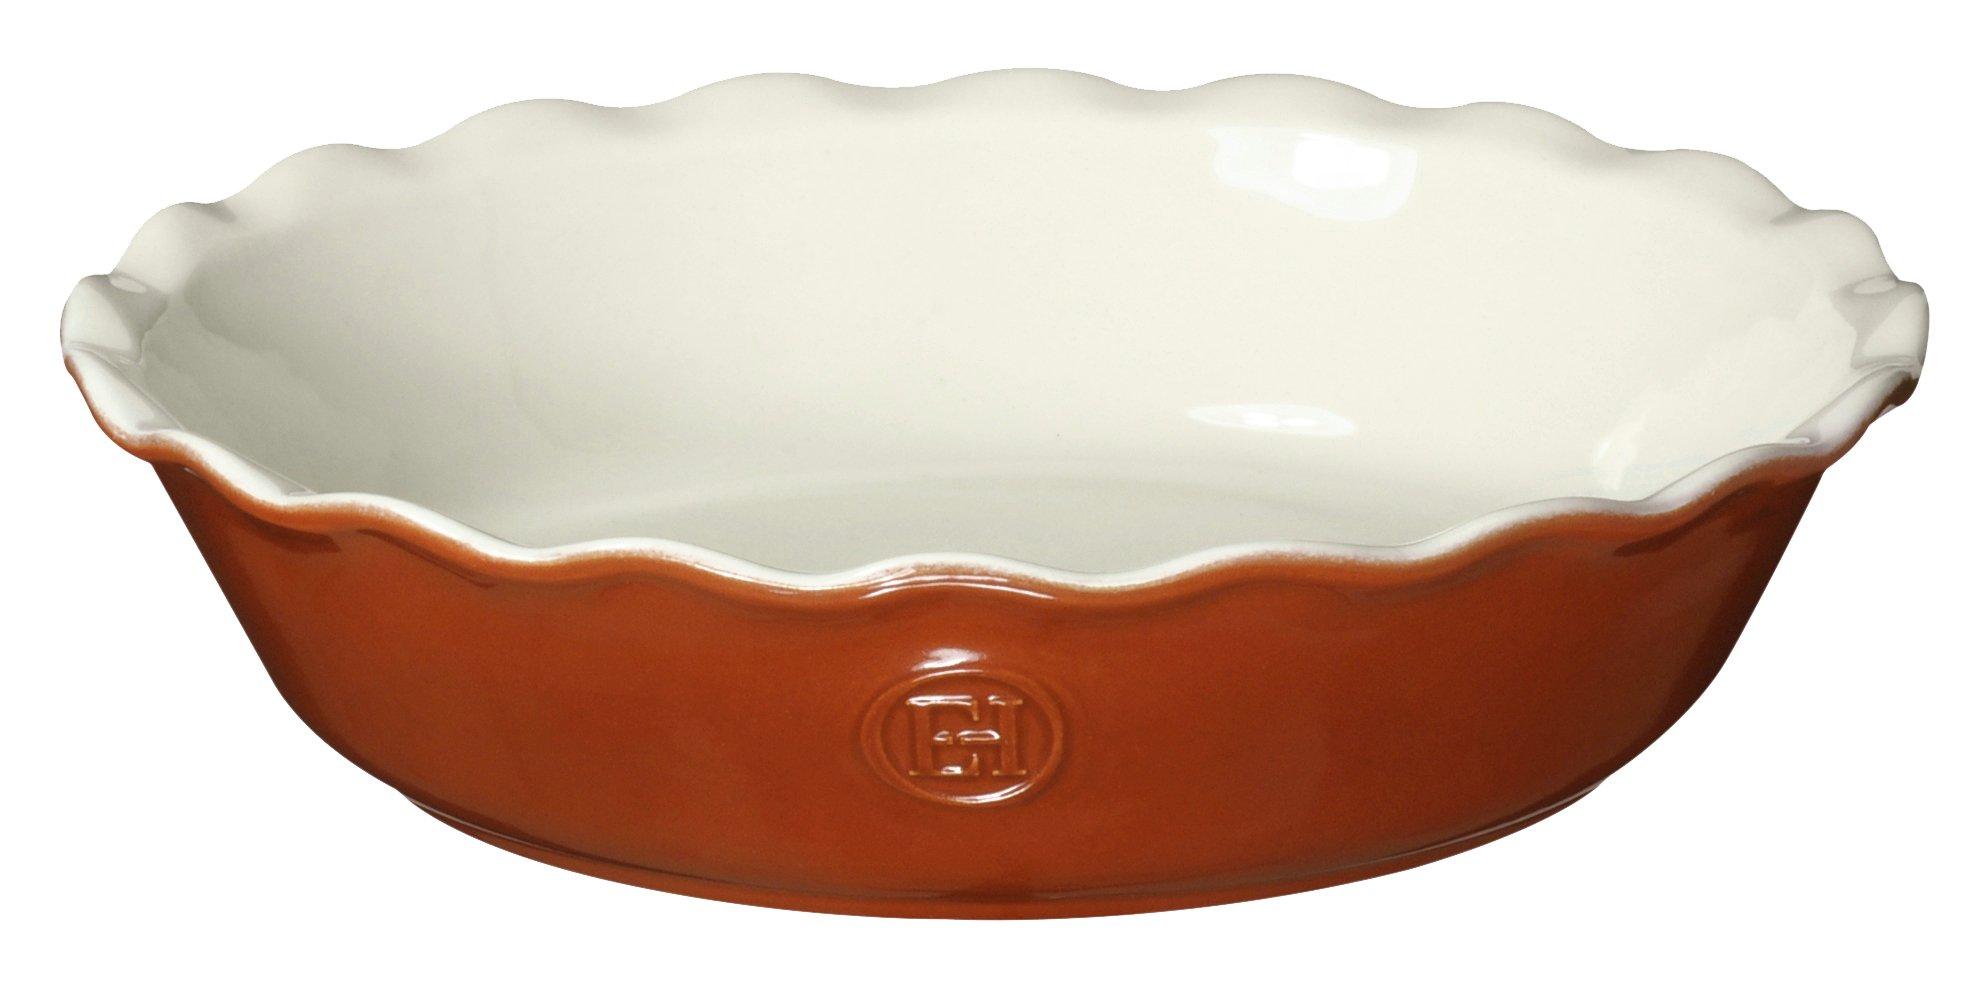 Emile Henry Round Pie Dish, Pumpkin